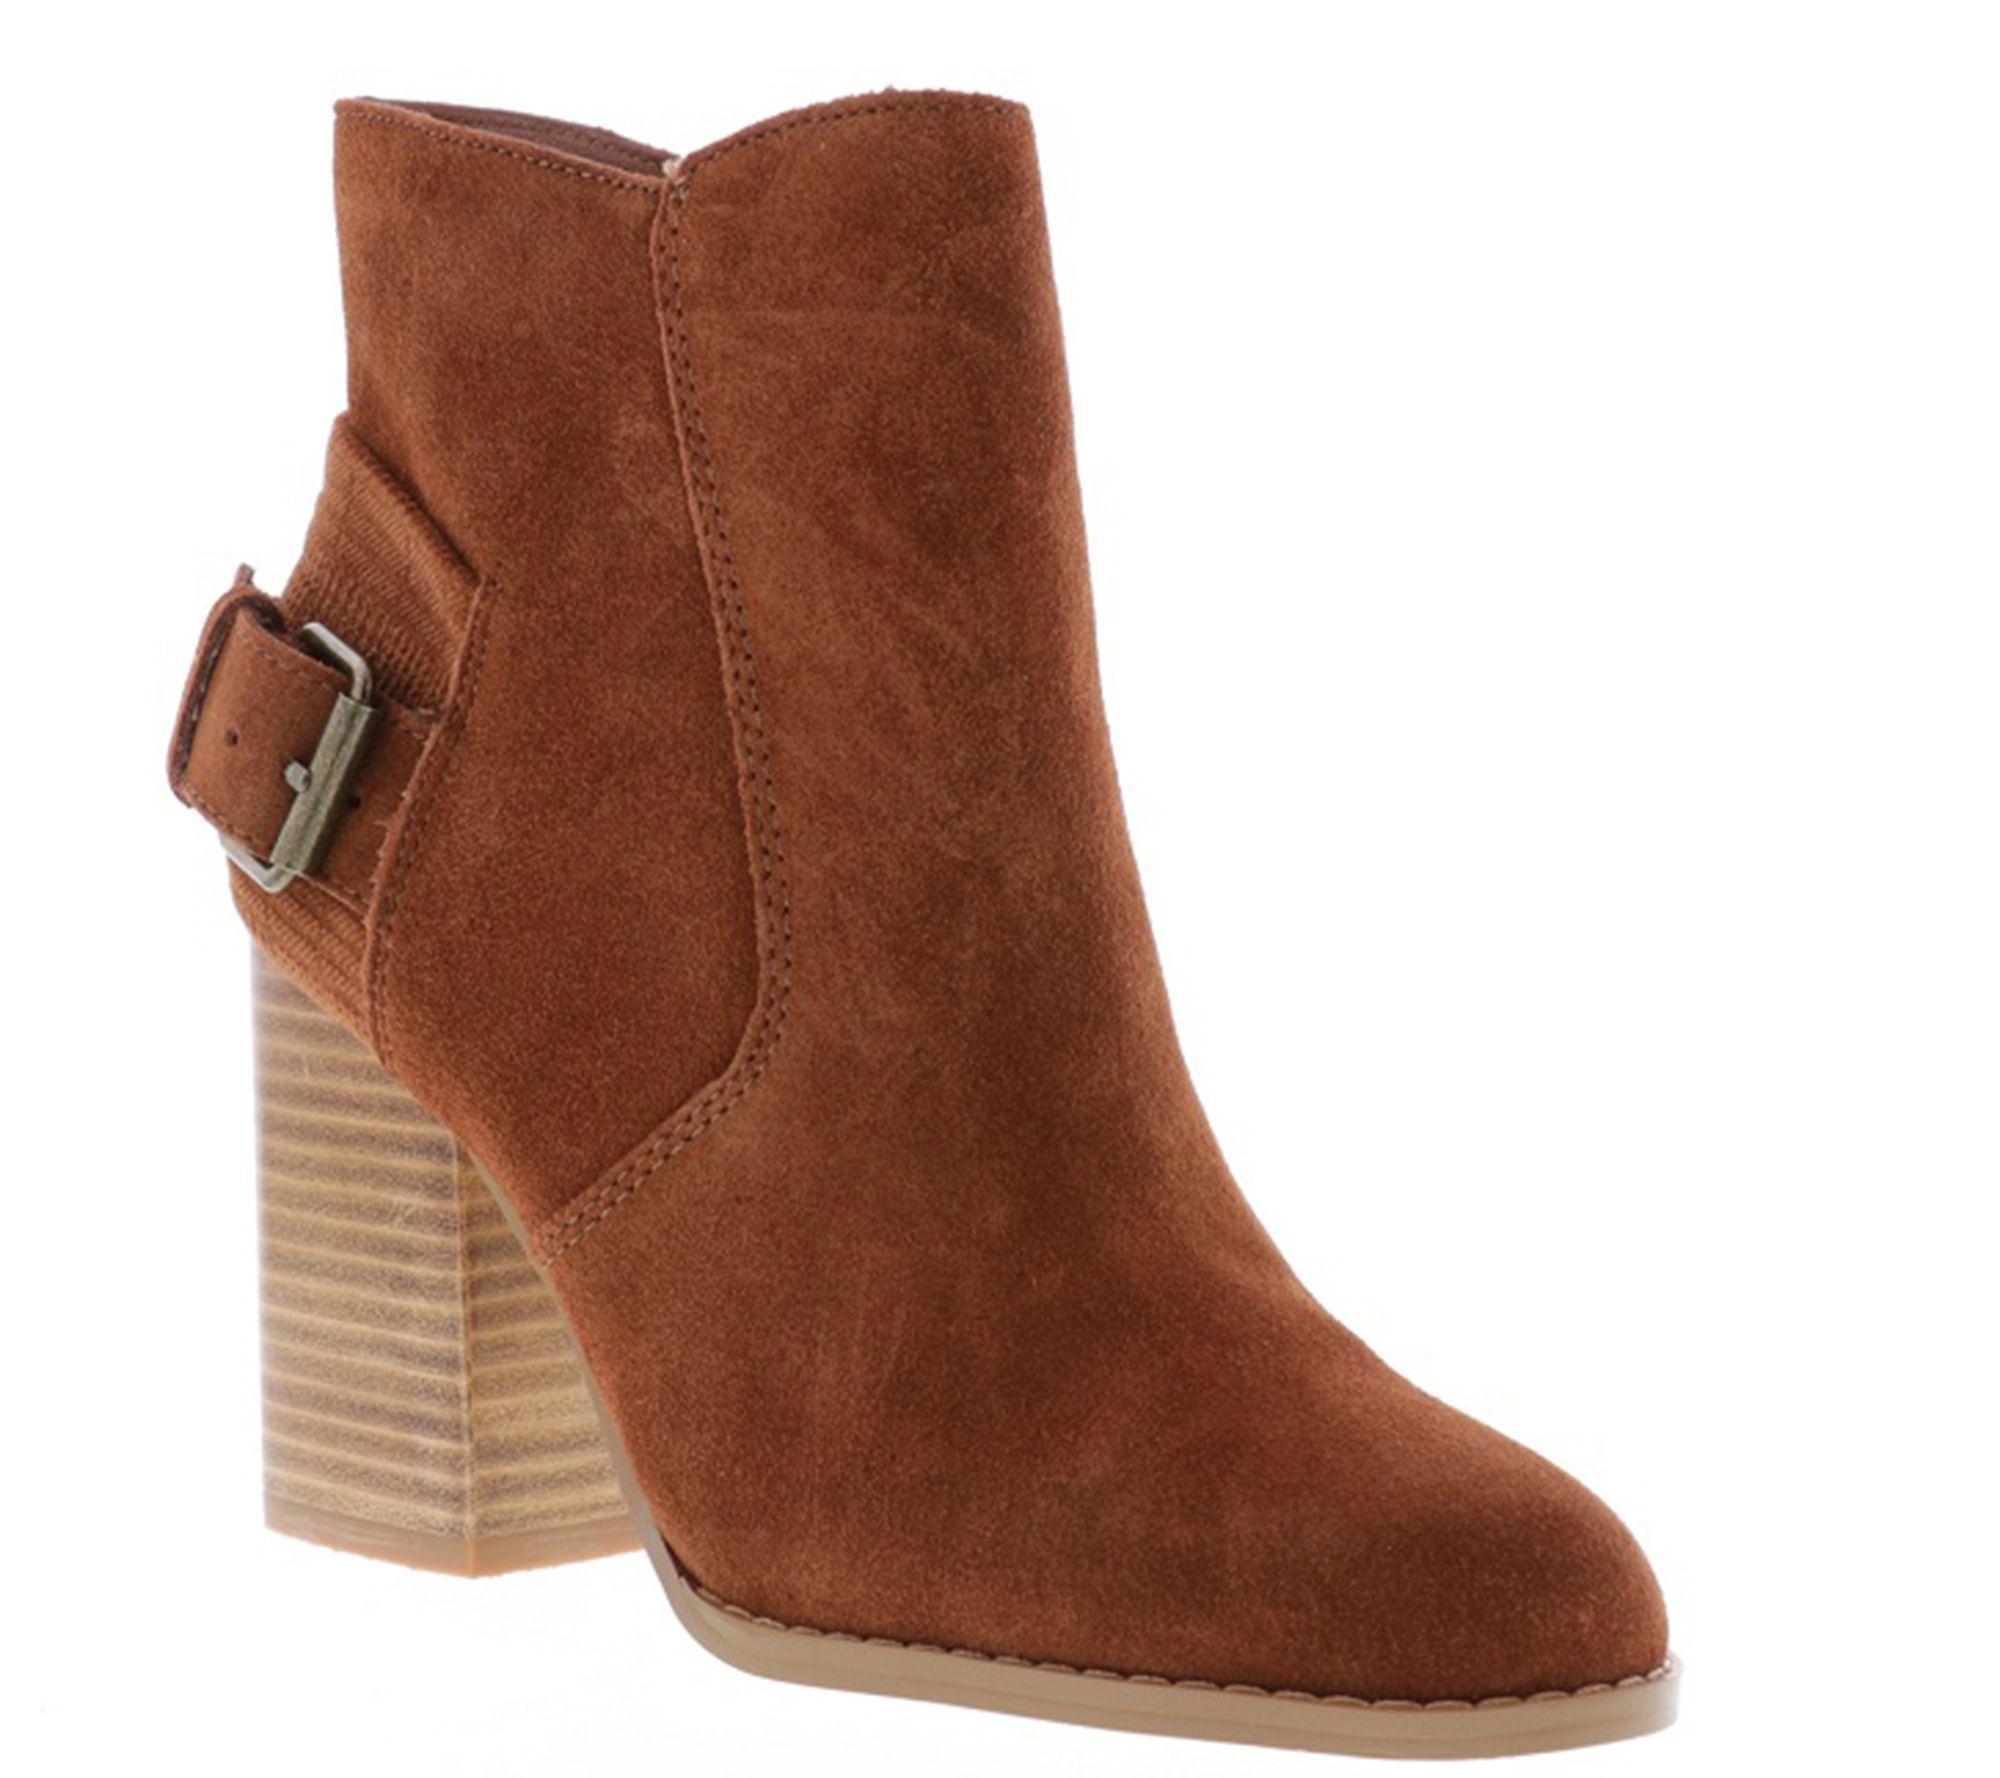 aa7847041d1 Sbicca Back Buckle Block Heel Booties - Fletcher — QVC.com